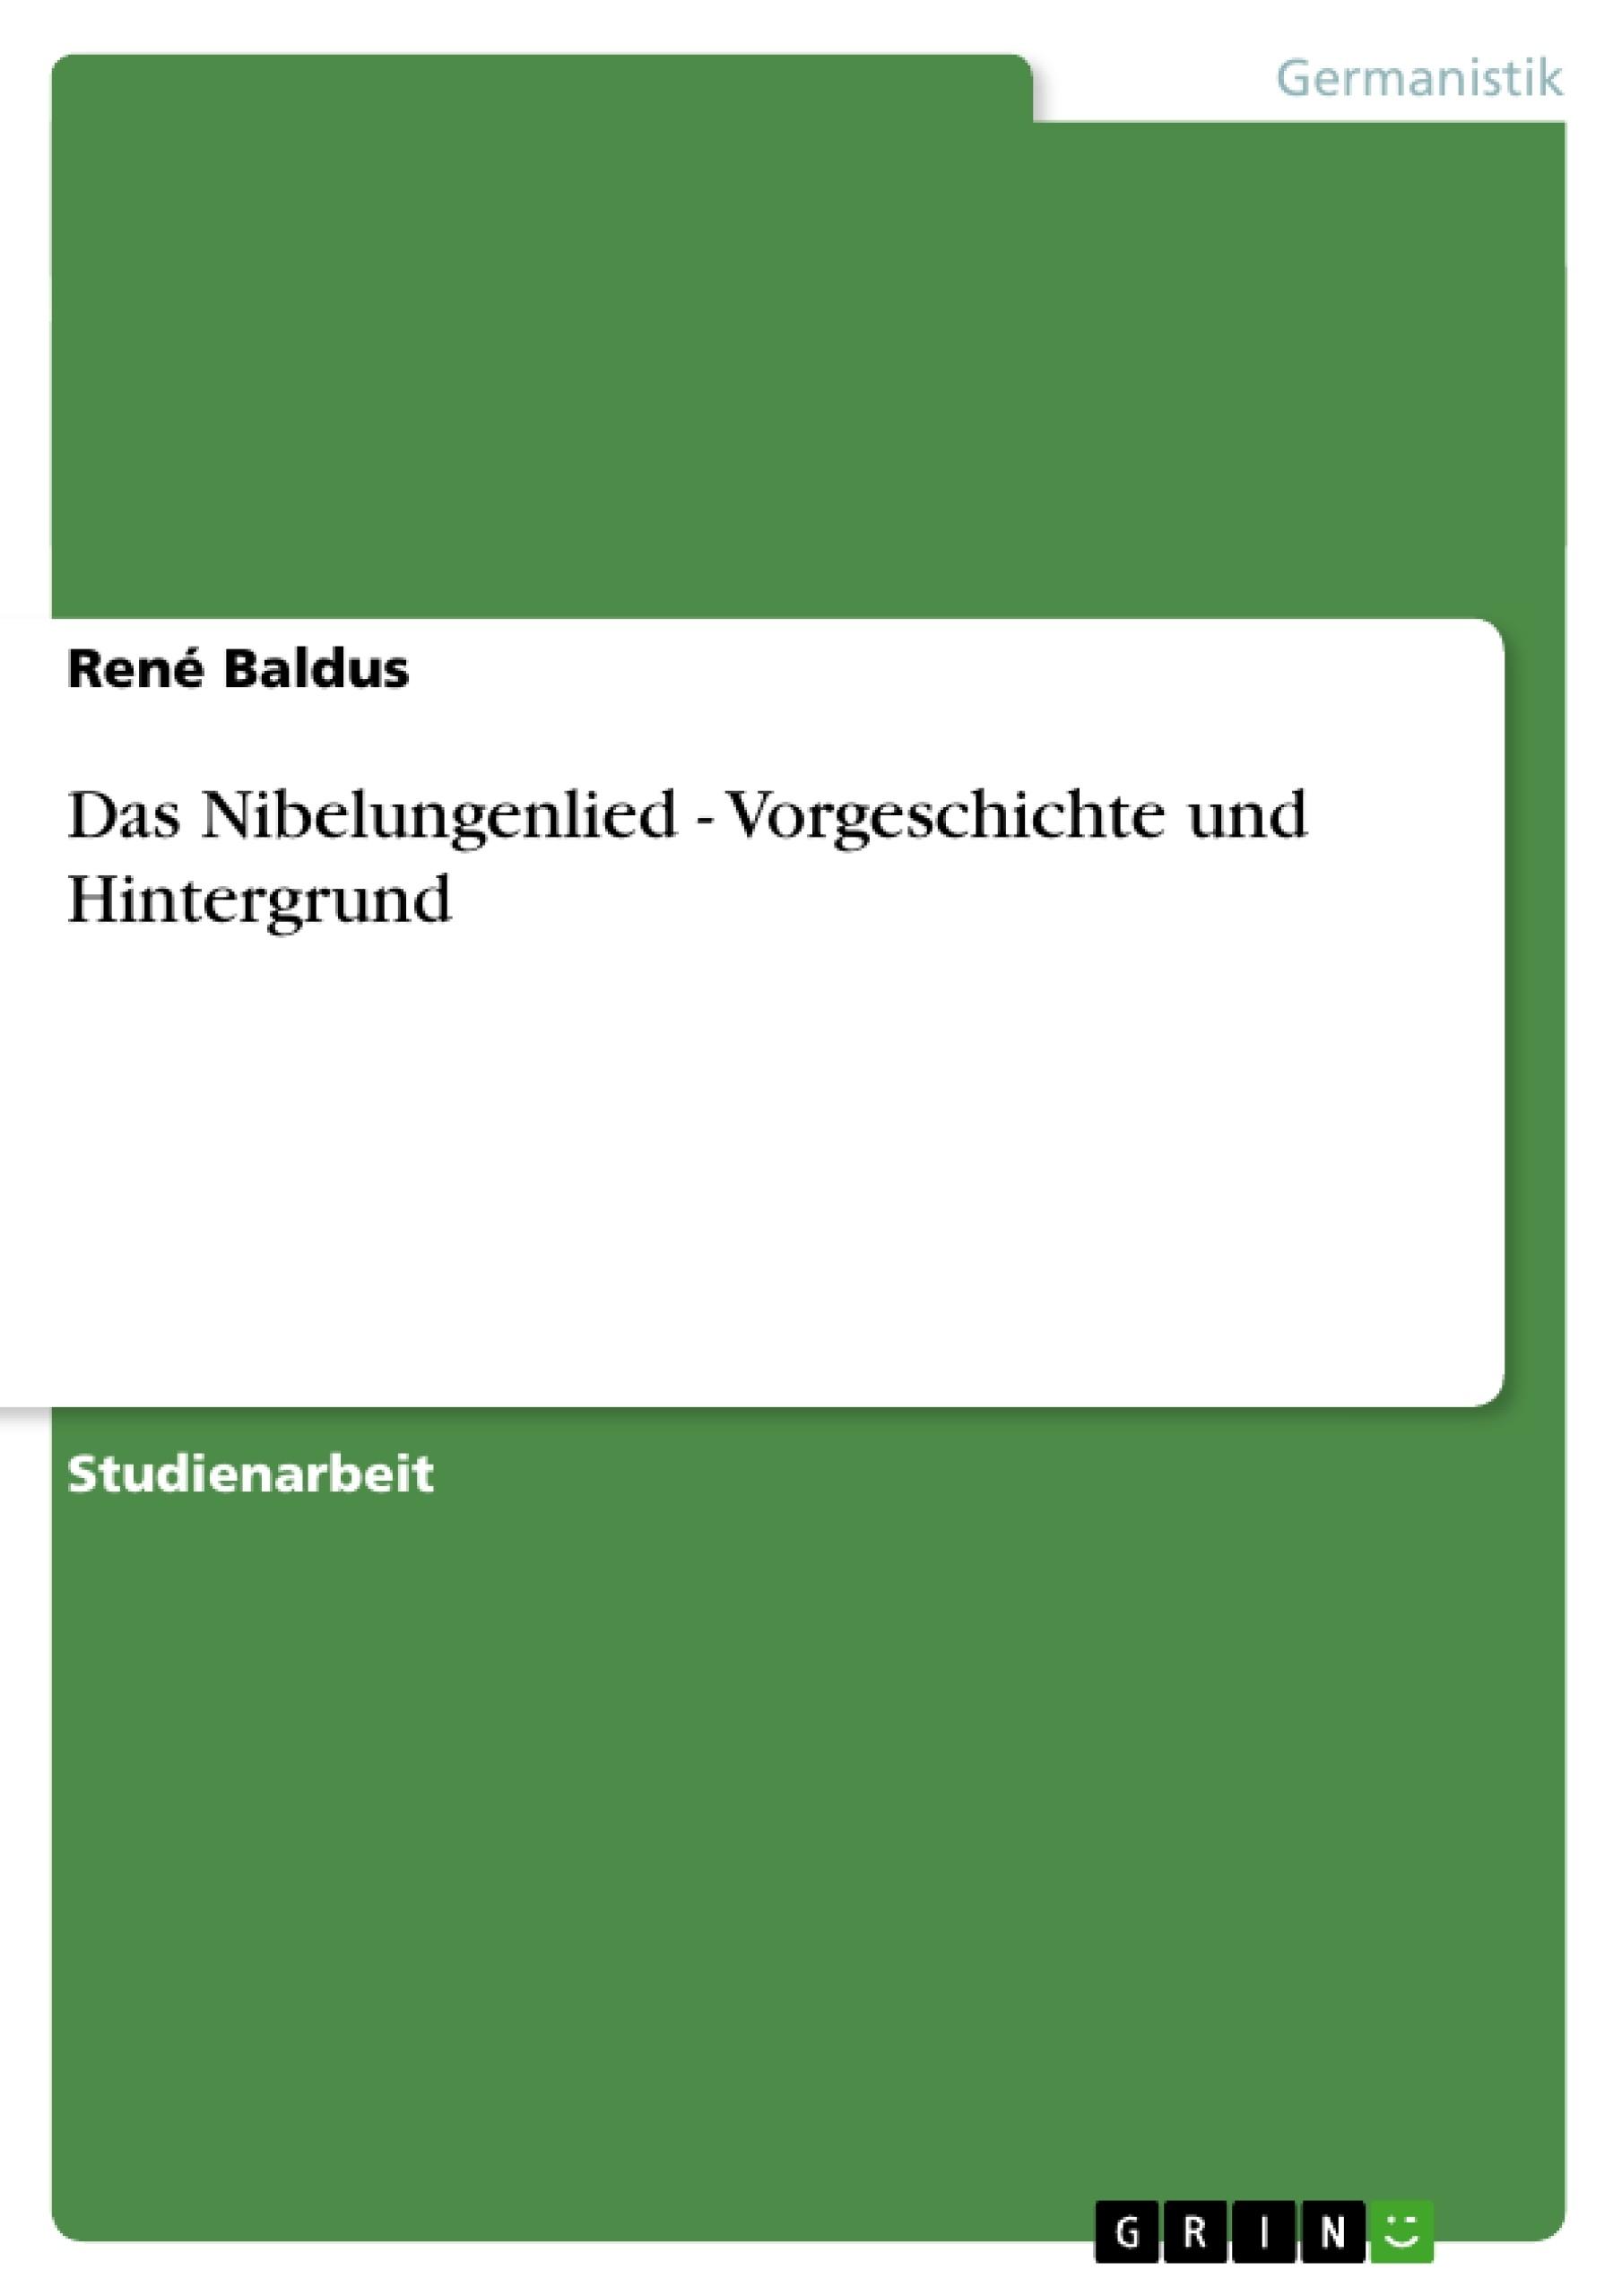 Titel: Das Nibelungenlied - Vorgeschichte und Hintergrund